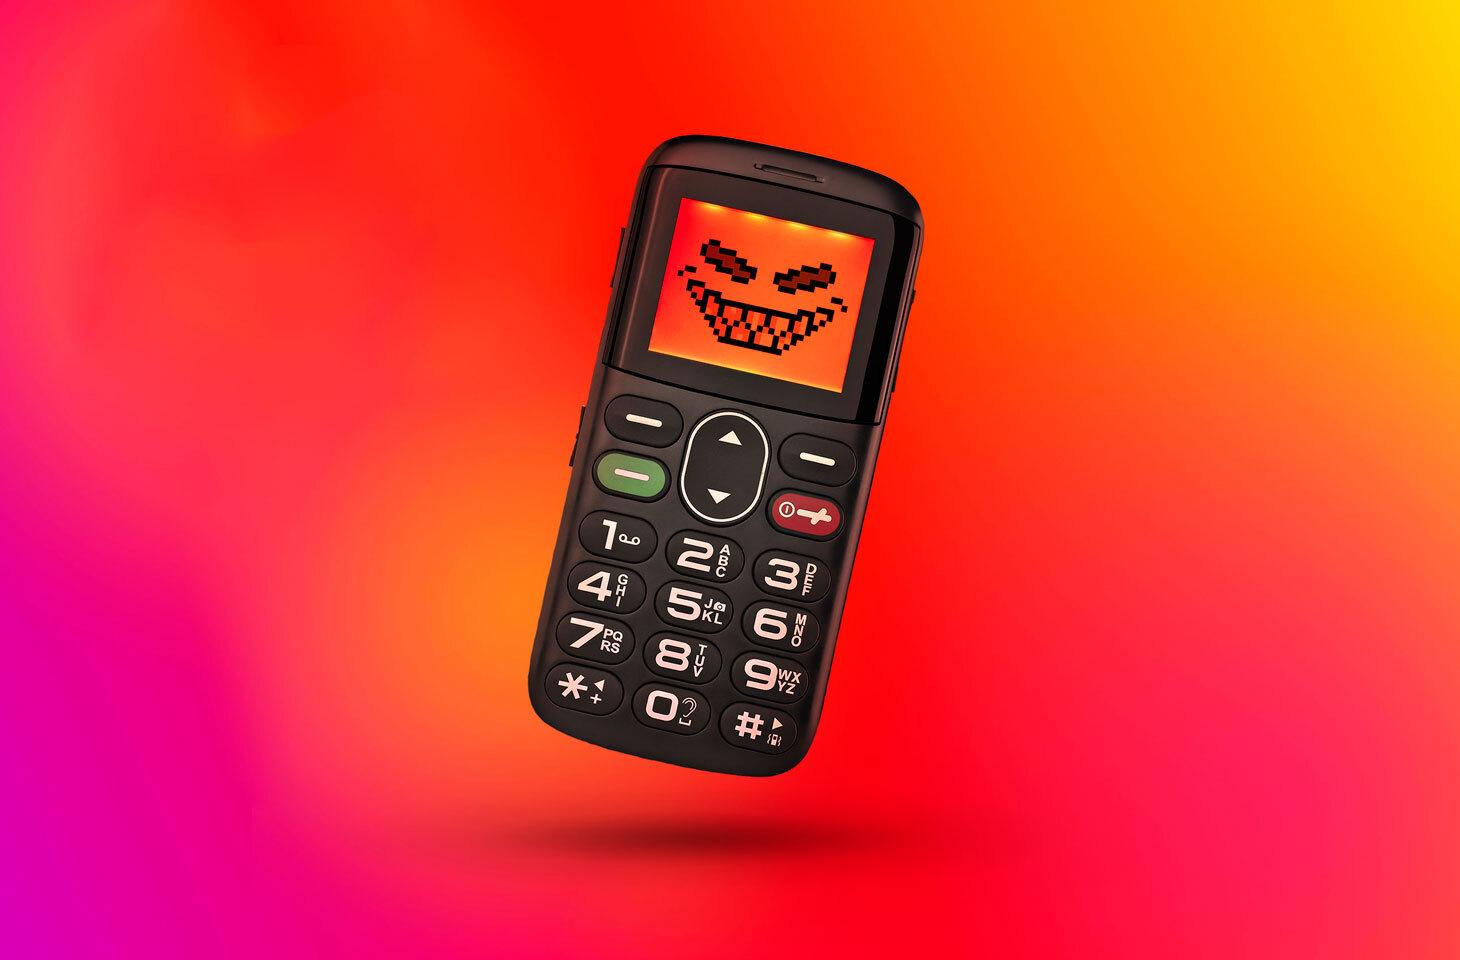 Кнопочные телефоны тоже могут быть опасны   Блог Касперского